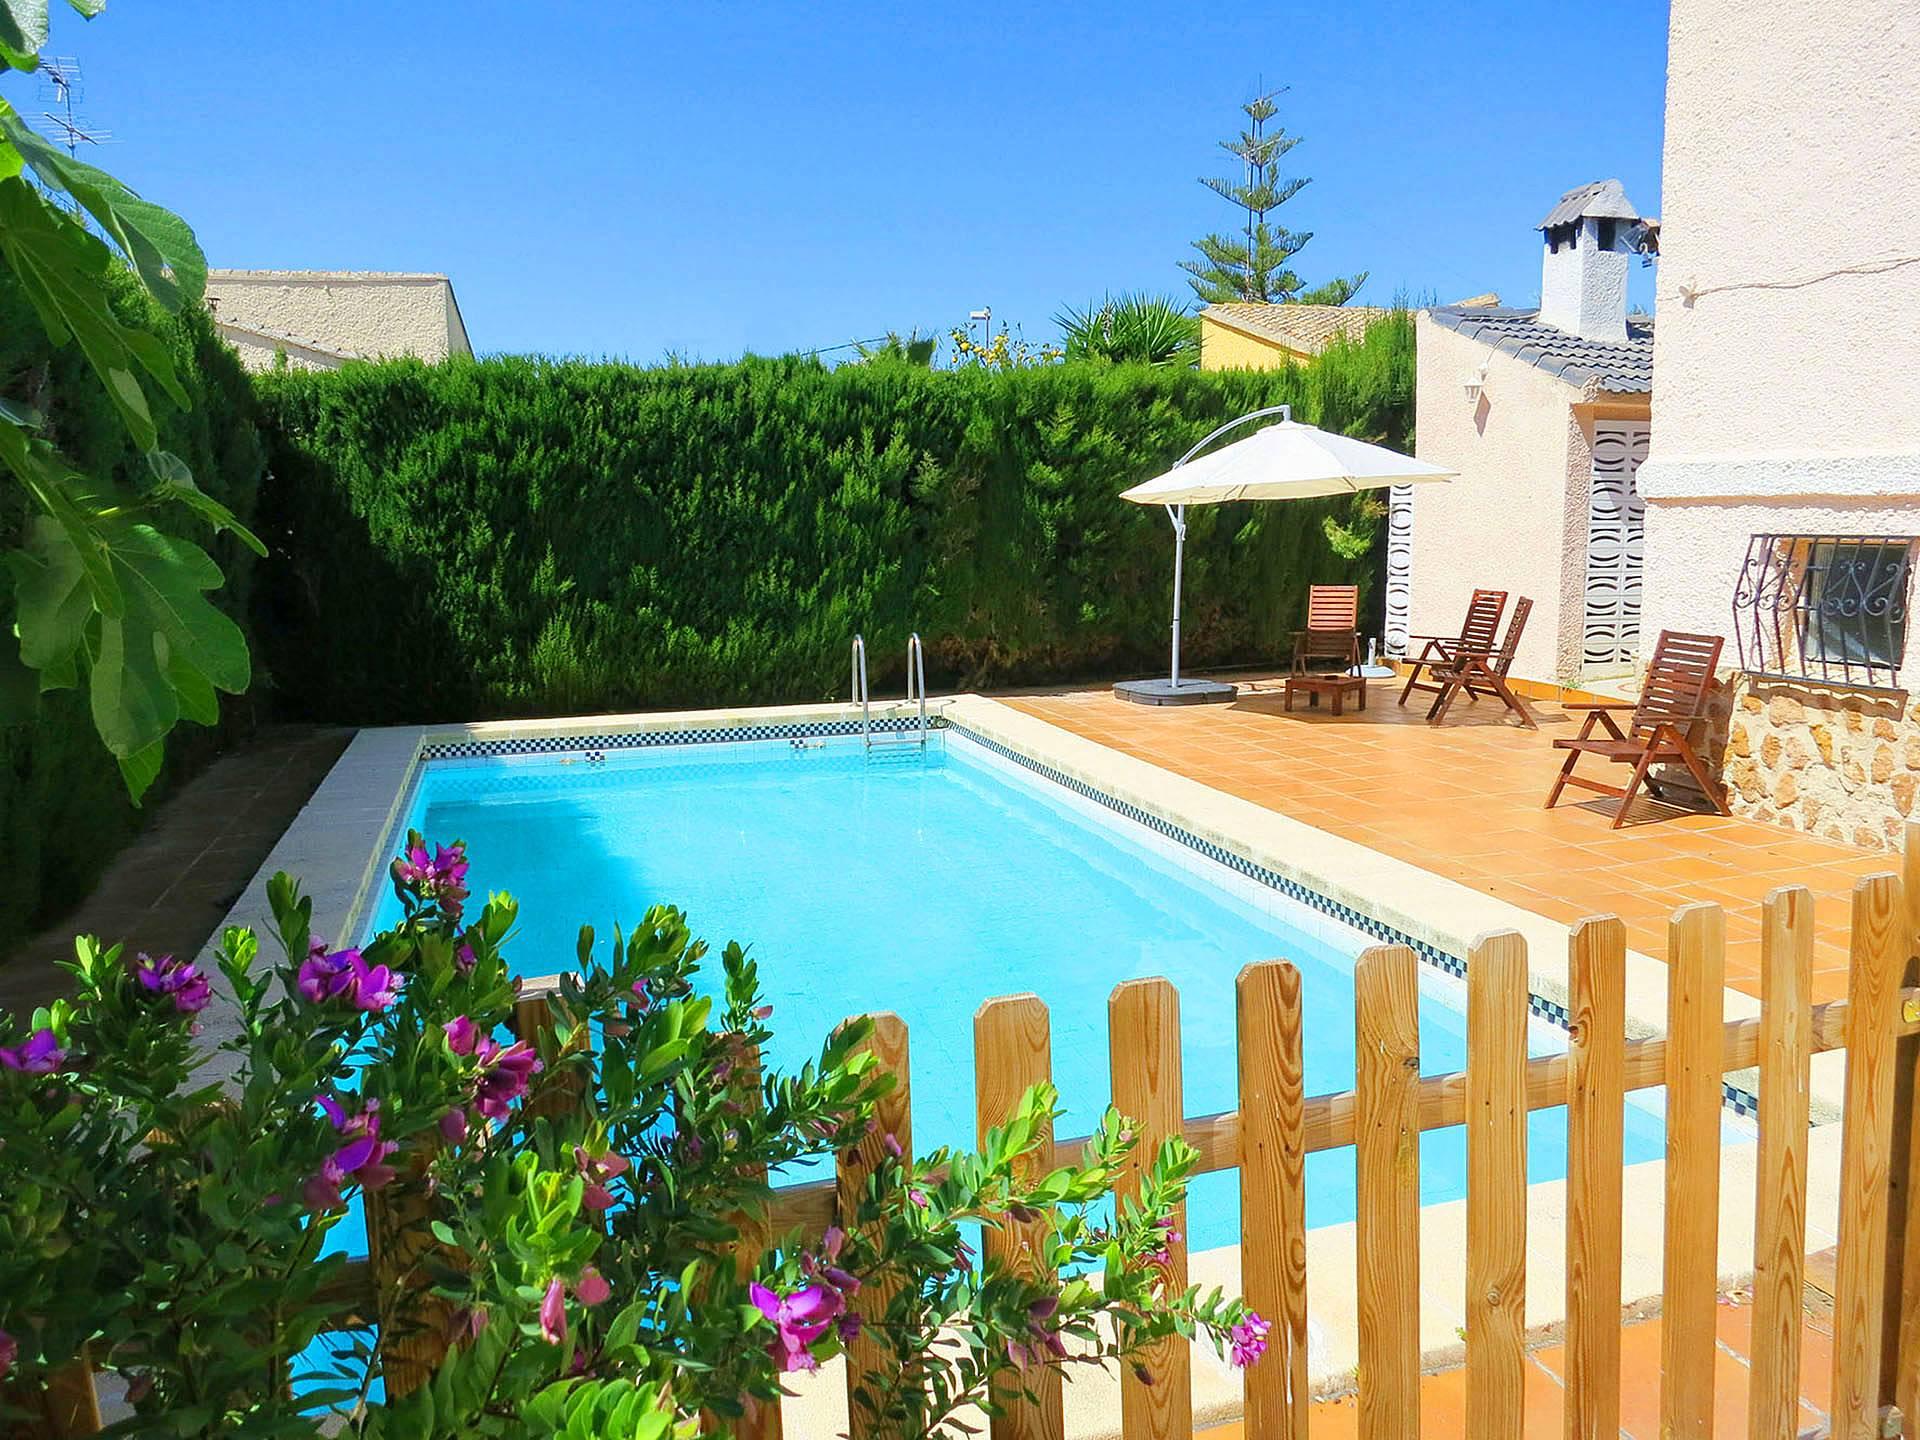 Encantadora villa con piscina y jard n l 39 eliana valencia for Piscina y jardin 2002 s l